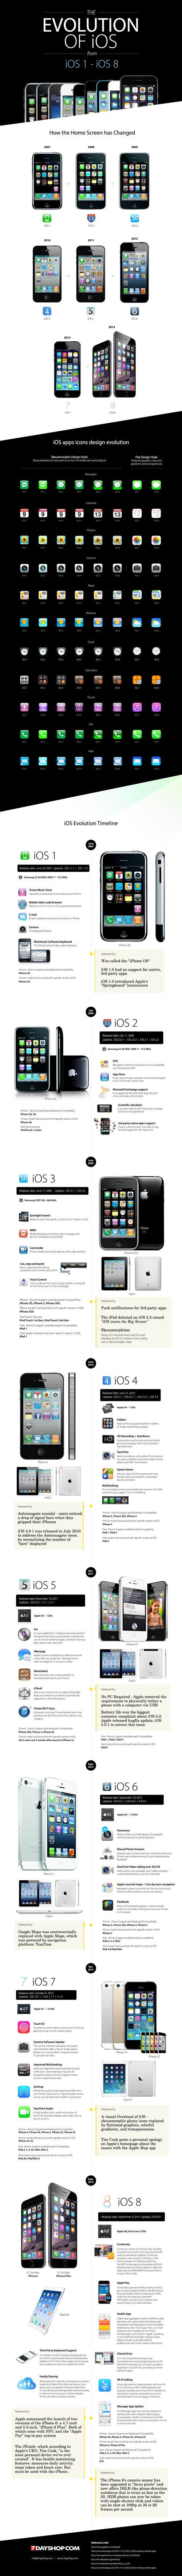 Evolución del iOS - del 1 al 8 -